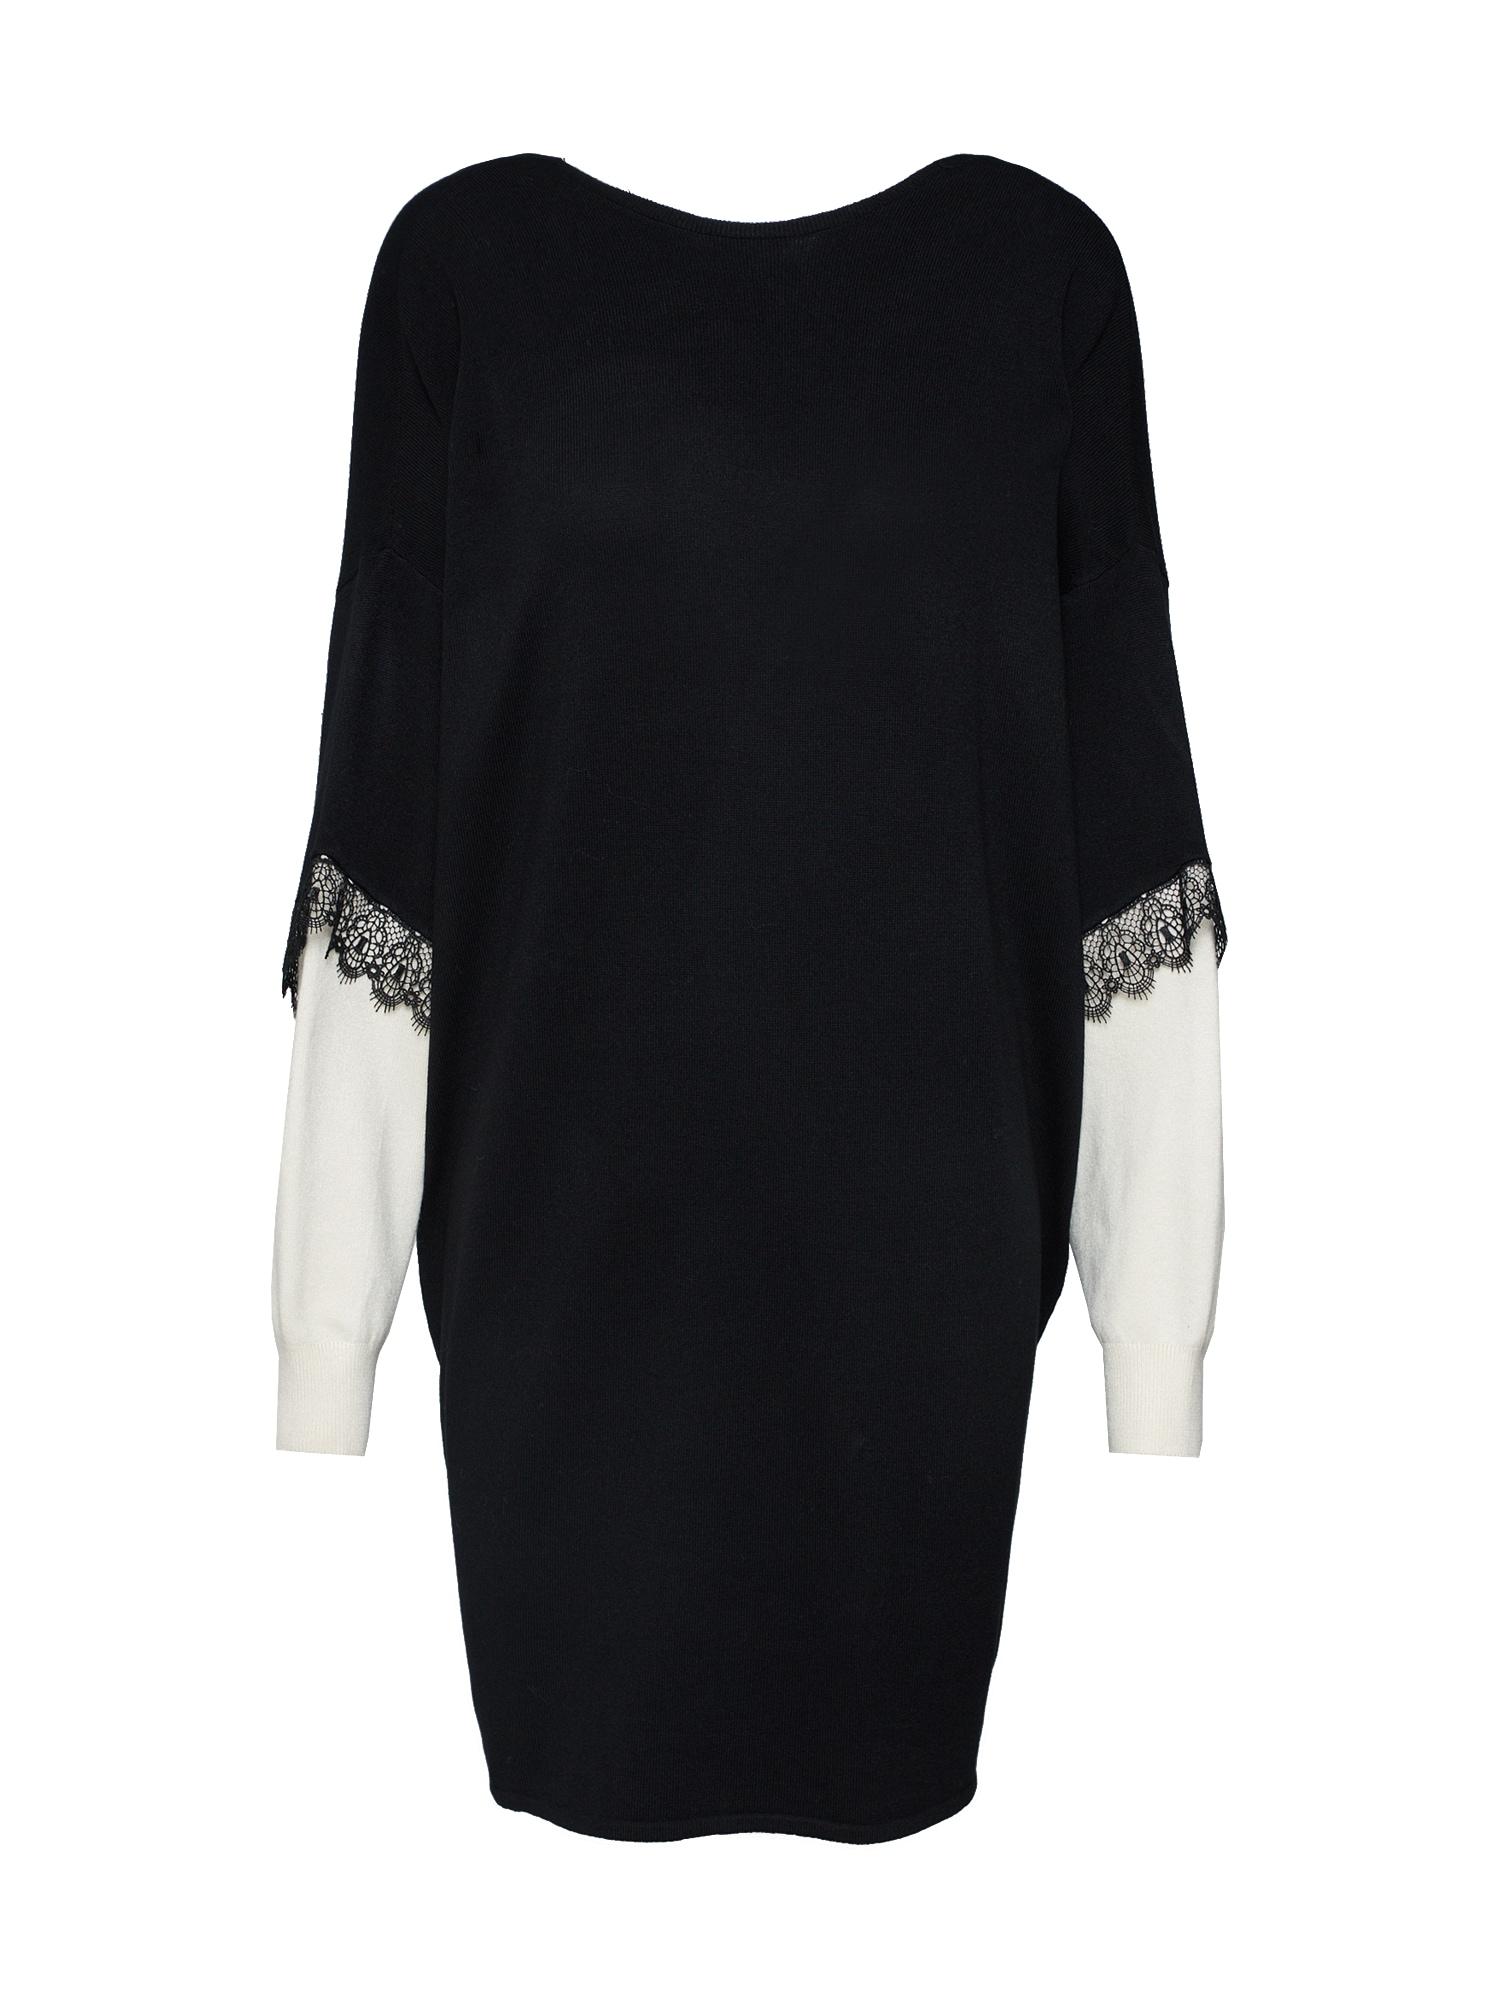 Úpletové šaty JDYKIMORA LS V-NECK DRESS KNT černá bílá JACQUELINE De YONG